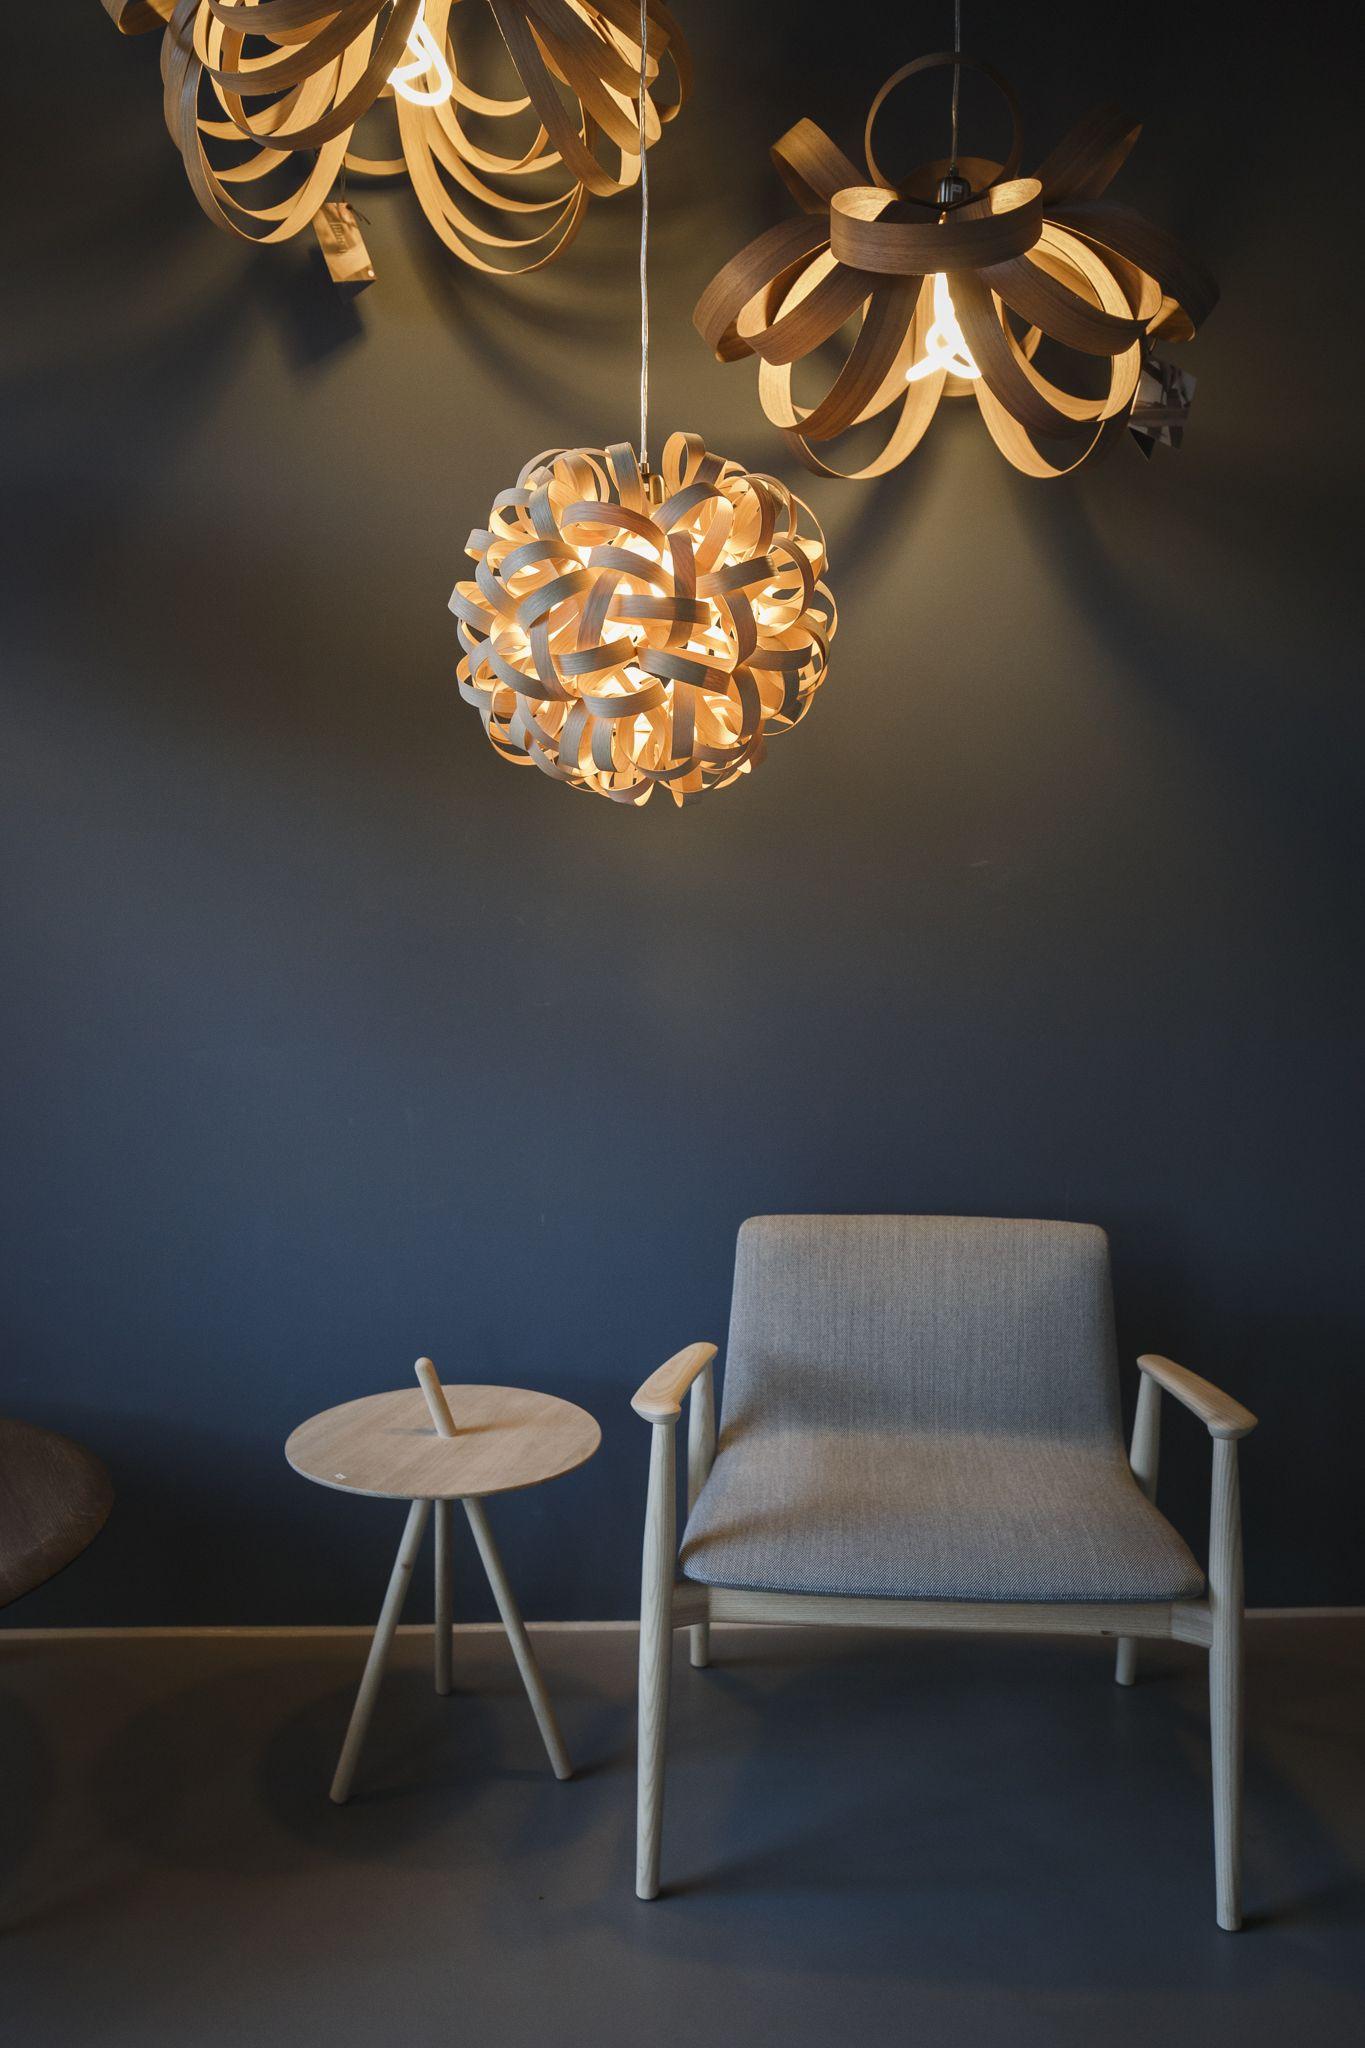 Pin von HolzDesignPur auf Unser Nordic Design Café